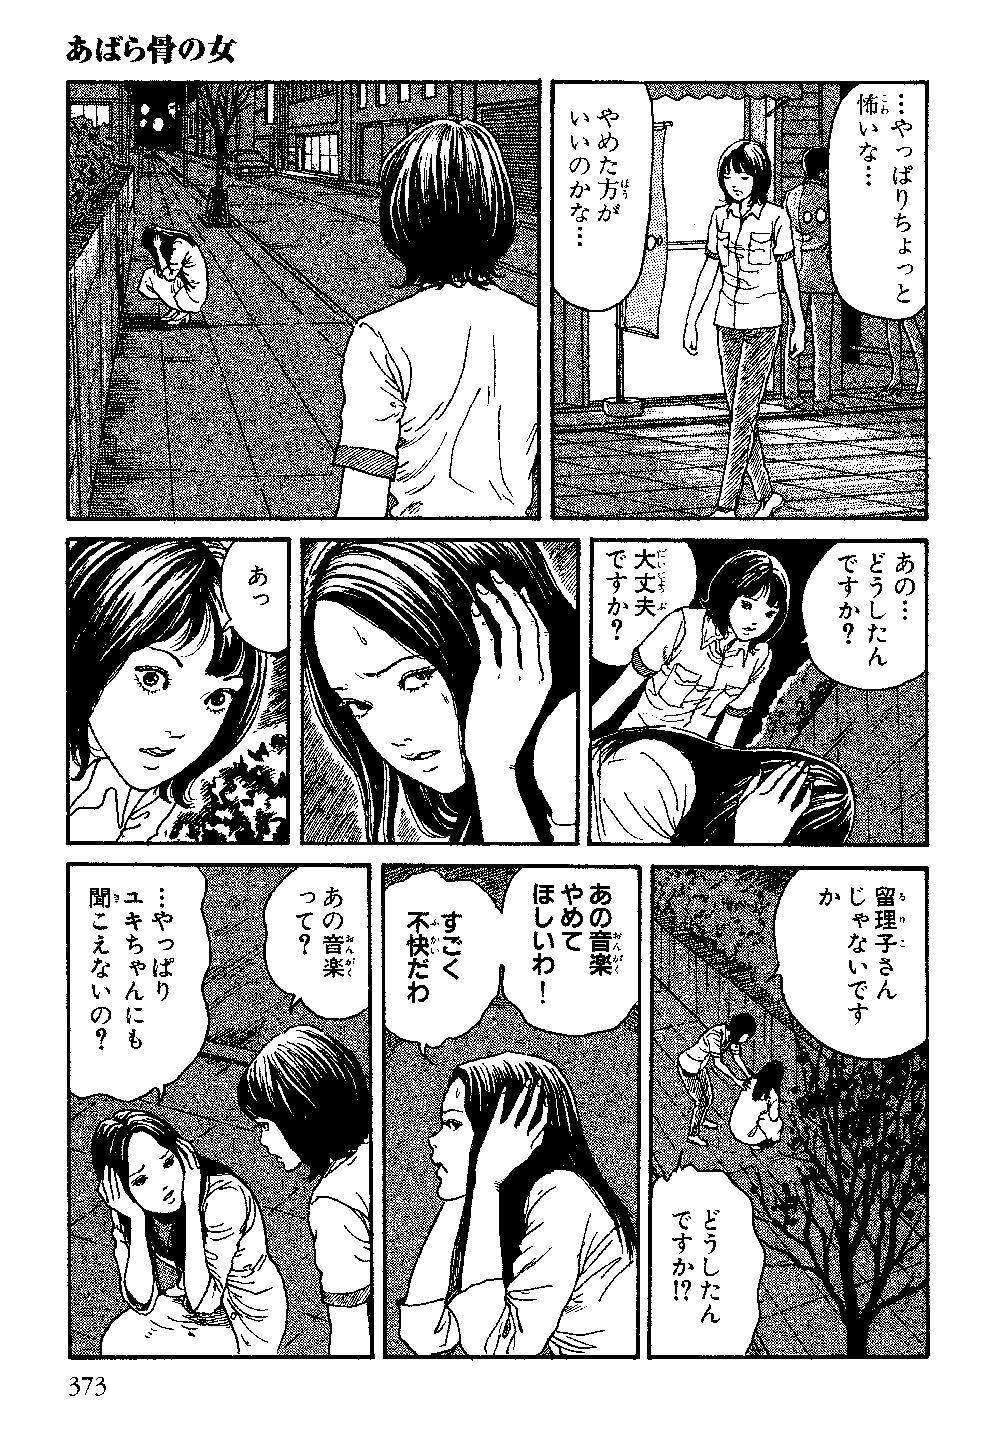 itouj_0004_0375.jpg